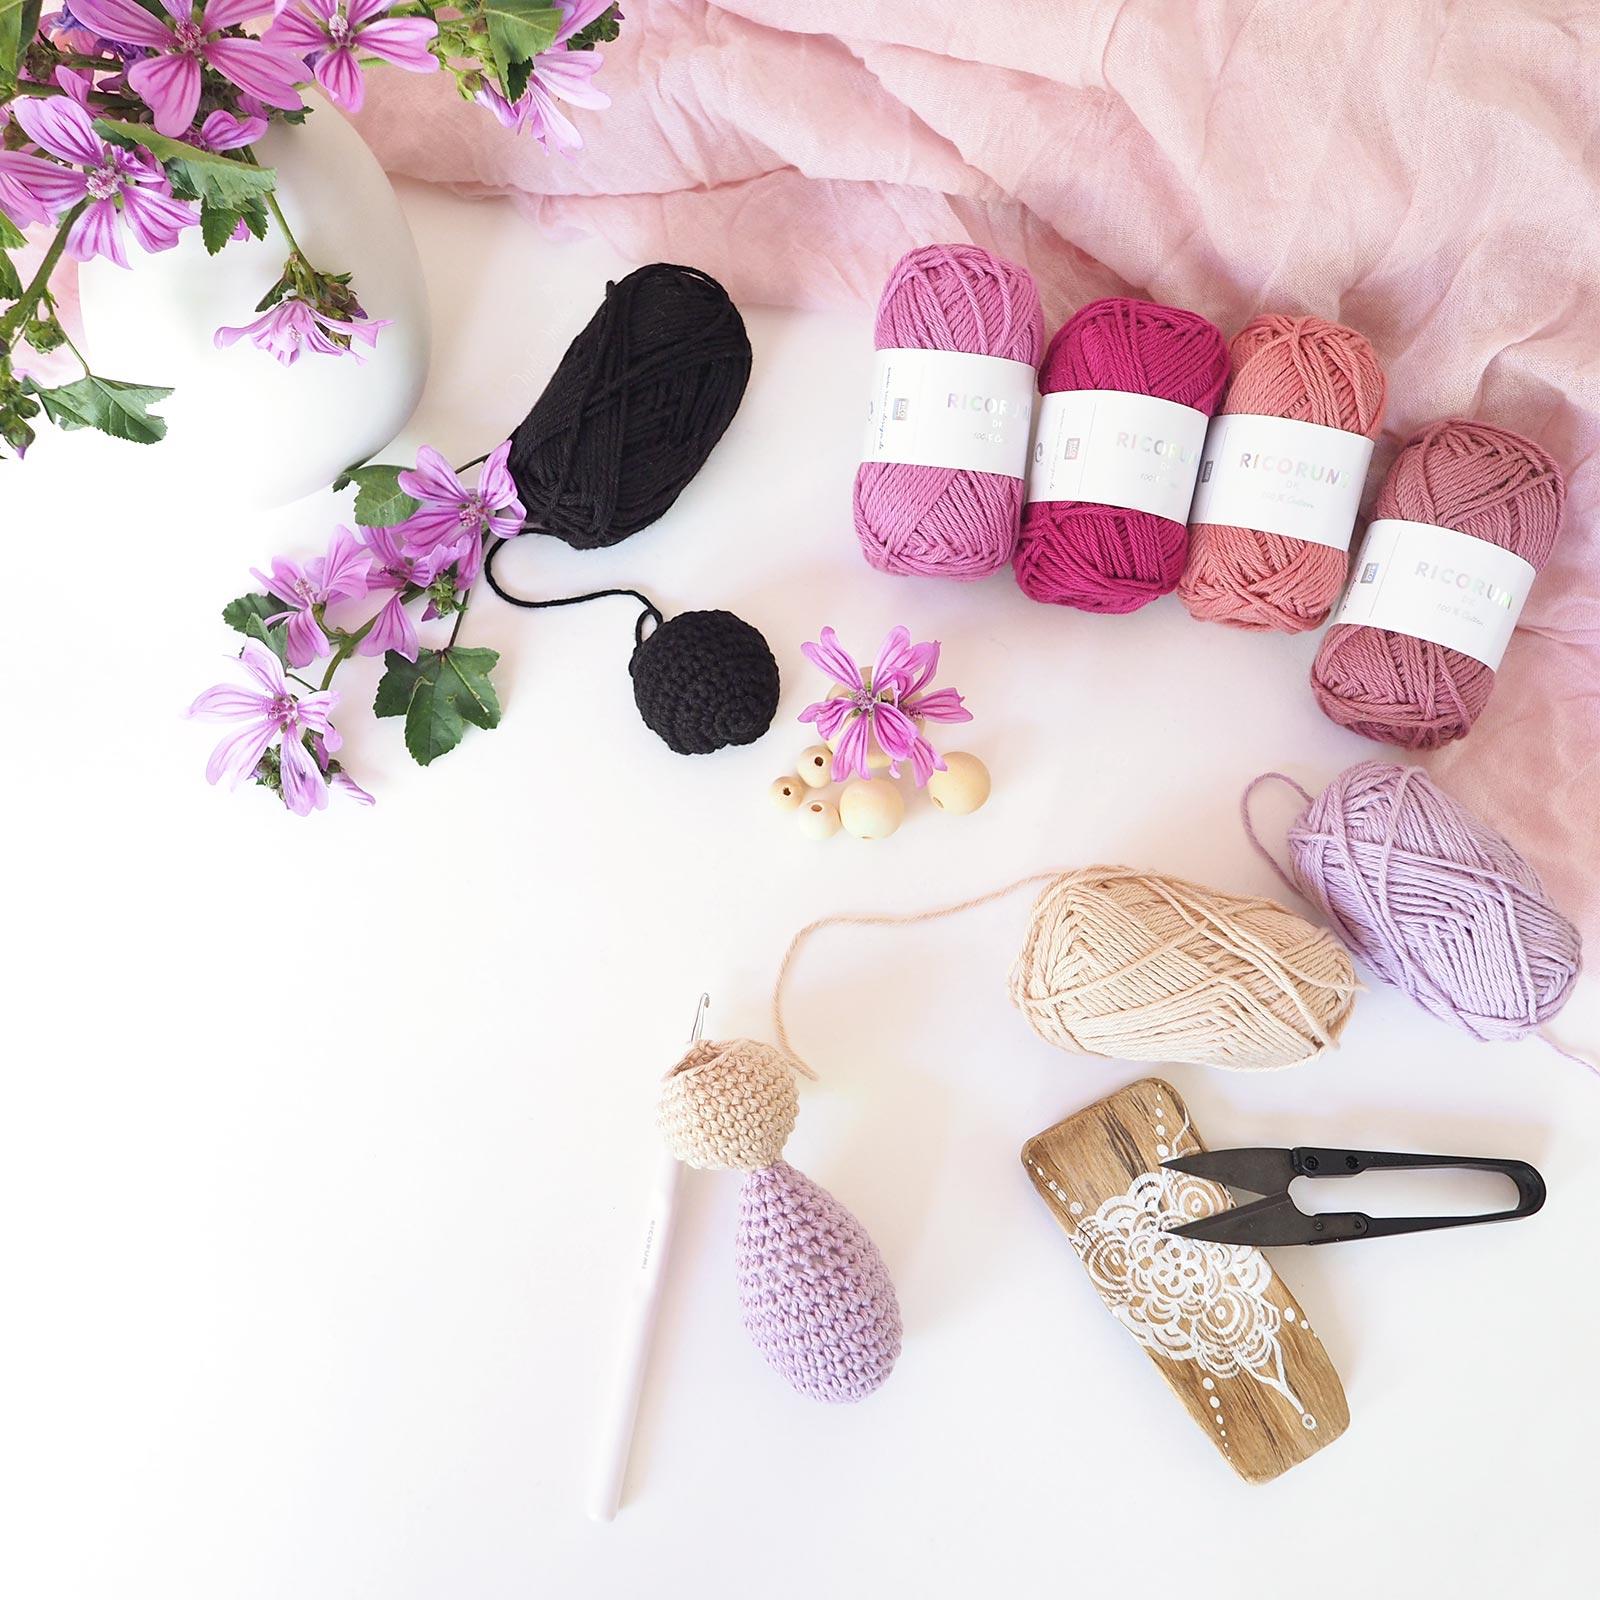 tutoriel DIY wip poupée japonaise lespoisplumes Ricorumi Ricodesign laboutiquedemelimelo